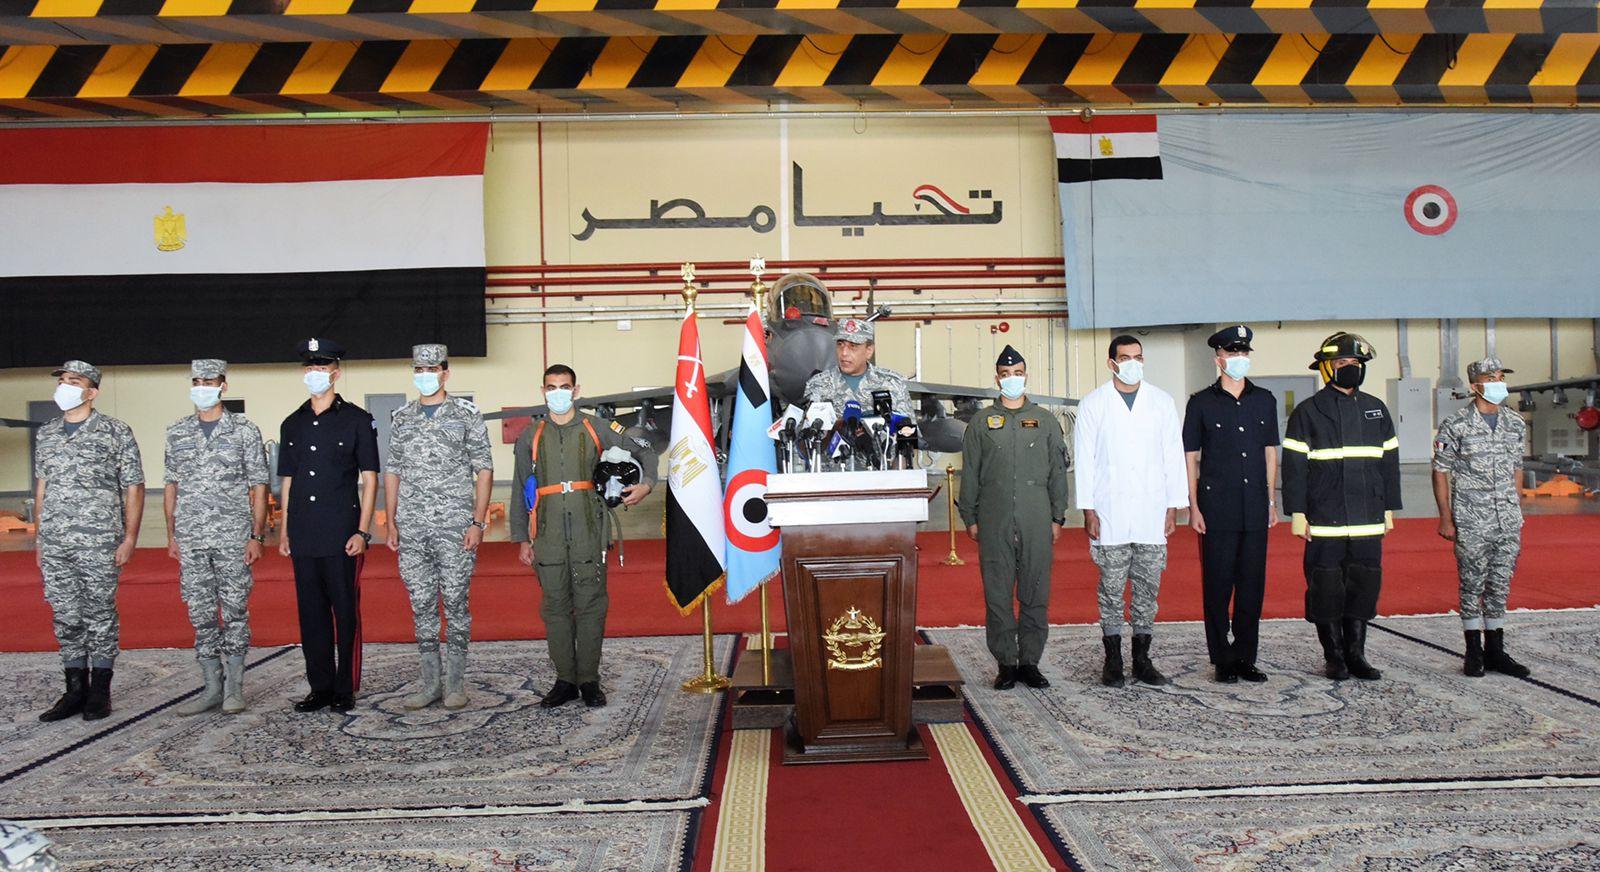 القوات الجوية تنفذ عروضا فى سماء مصر (1)